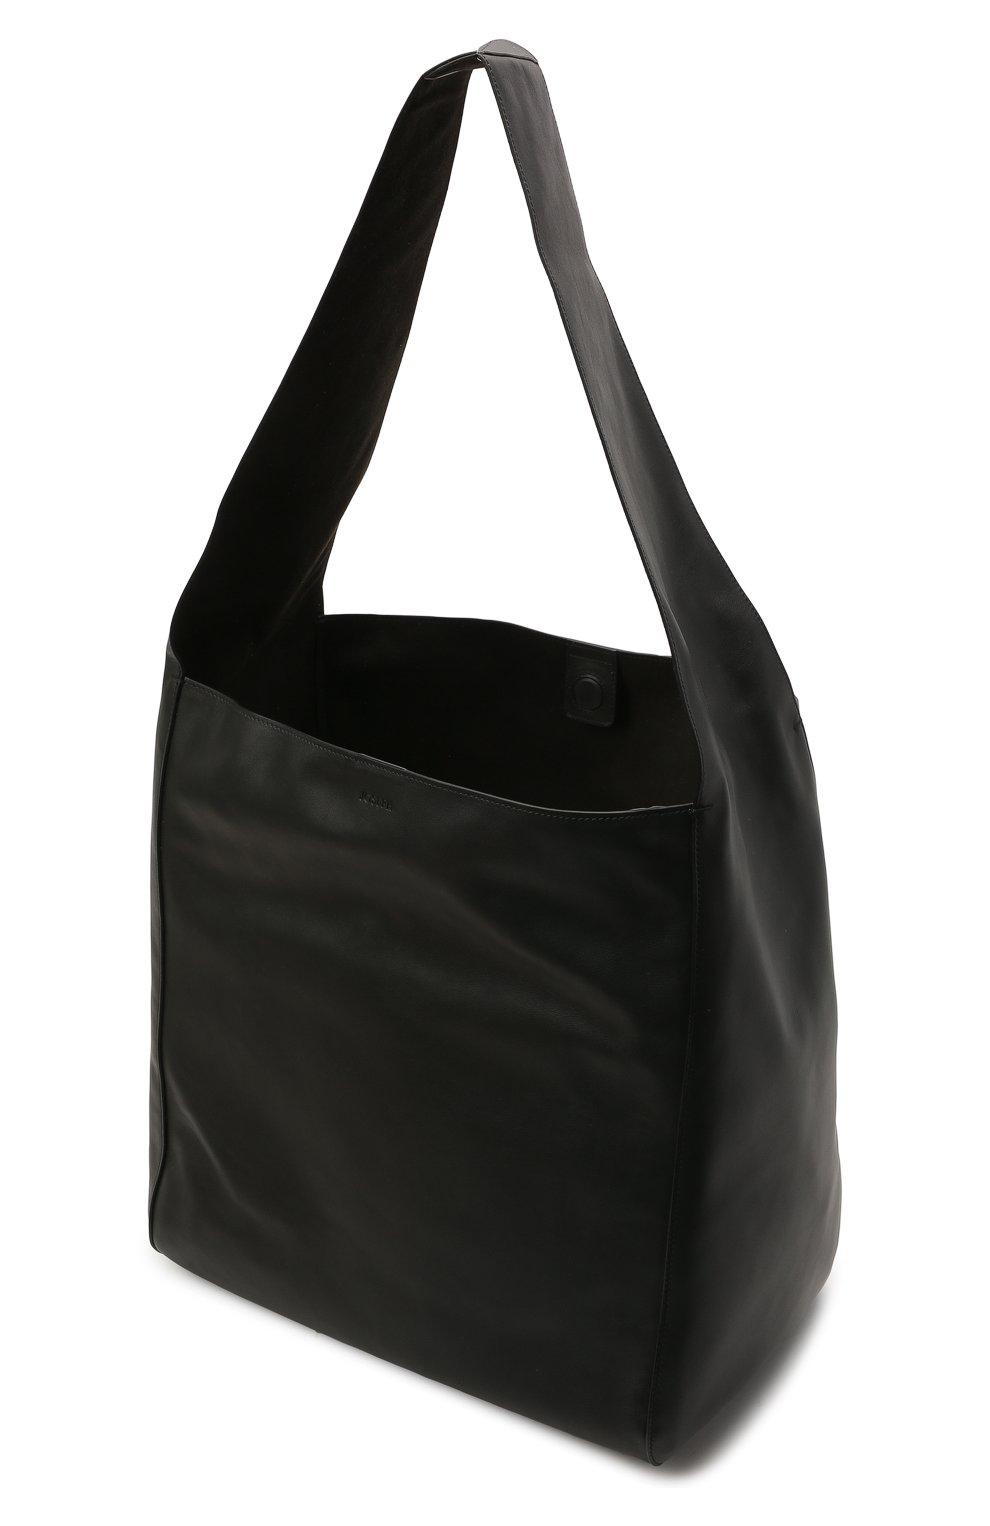 Женский сумка-шопер JOSEPH черного цвета, арт. JF004980   Фото 4 (Сумки-технические: Сумки-шопперы; Материал: Натуральная кожа; Размер: large)